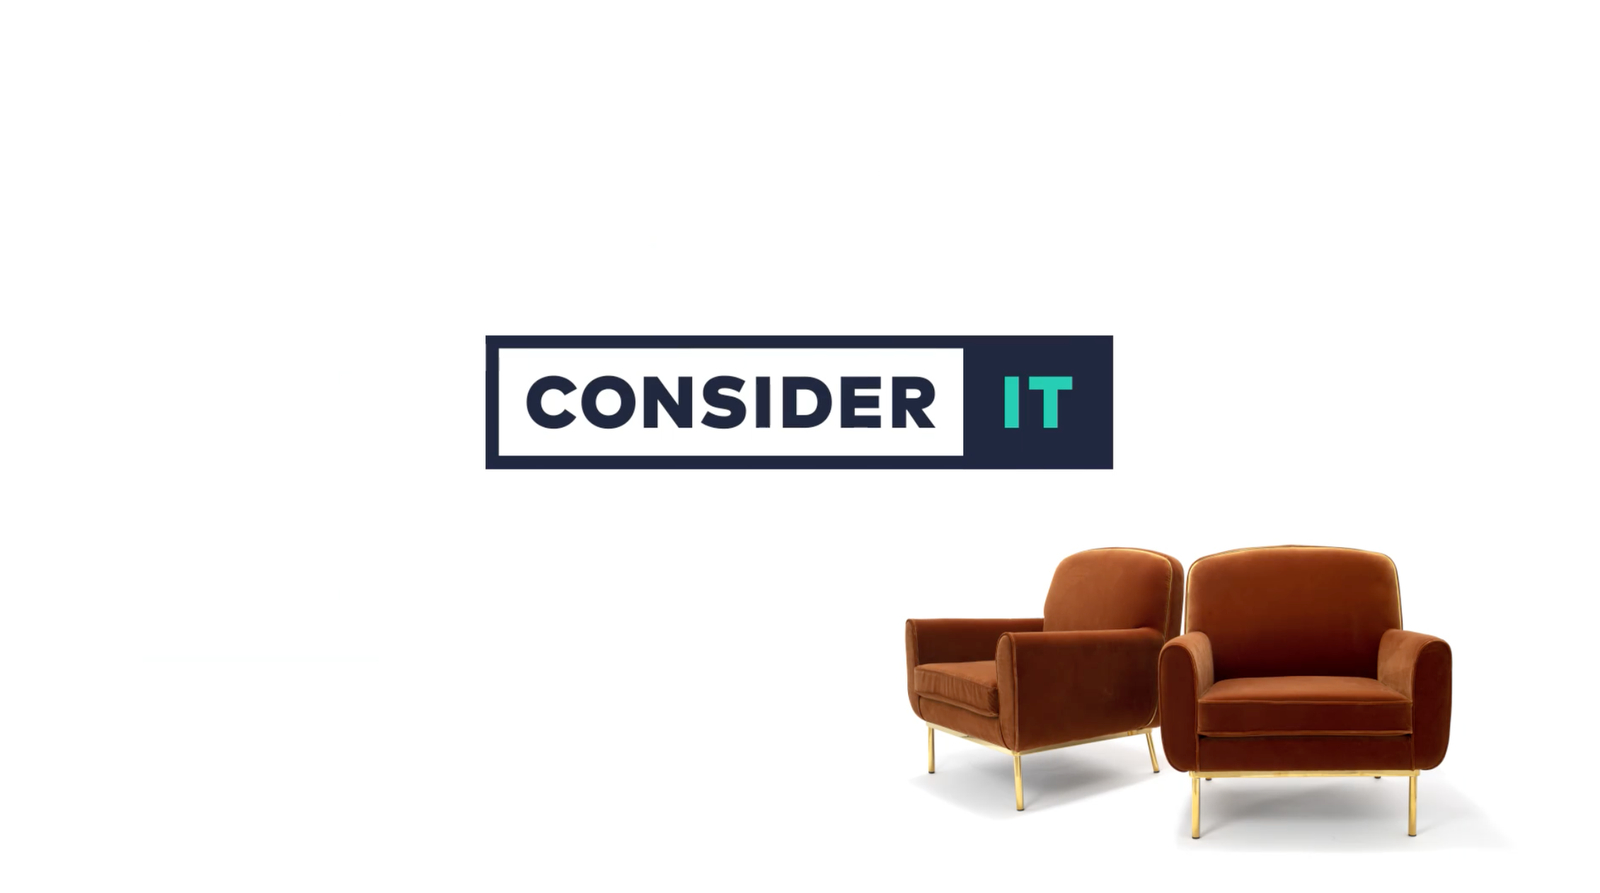 NCS_Vox-Media_Consider-It_0001